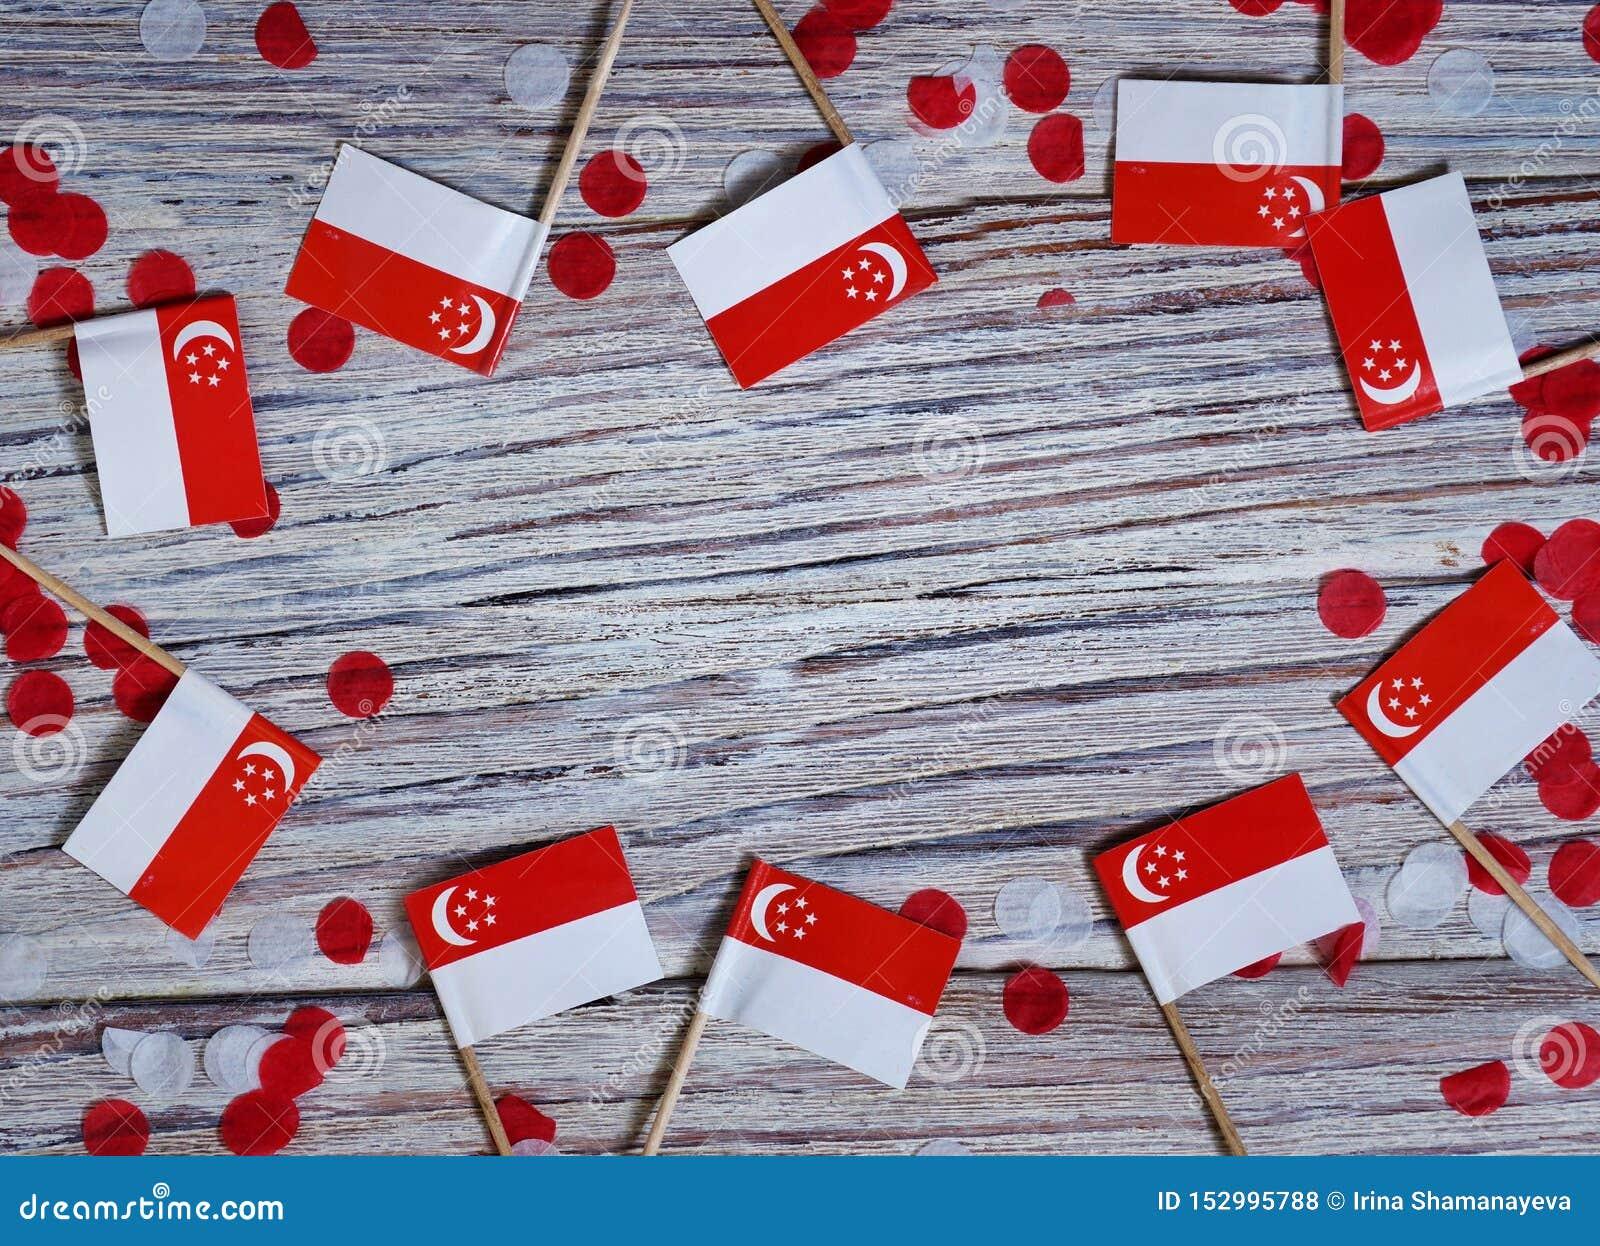 День независимости Сингапура 9-ое августа концепция свободы, независимости и патриотизма мини флаги с confetti на деревянном